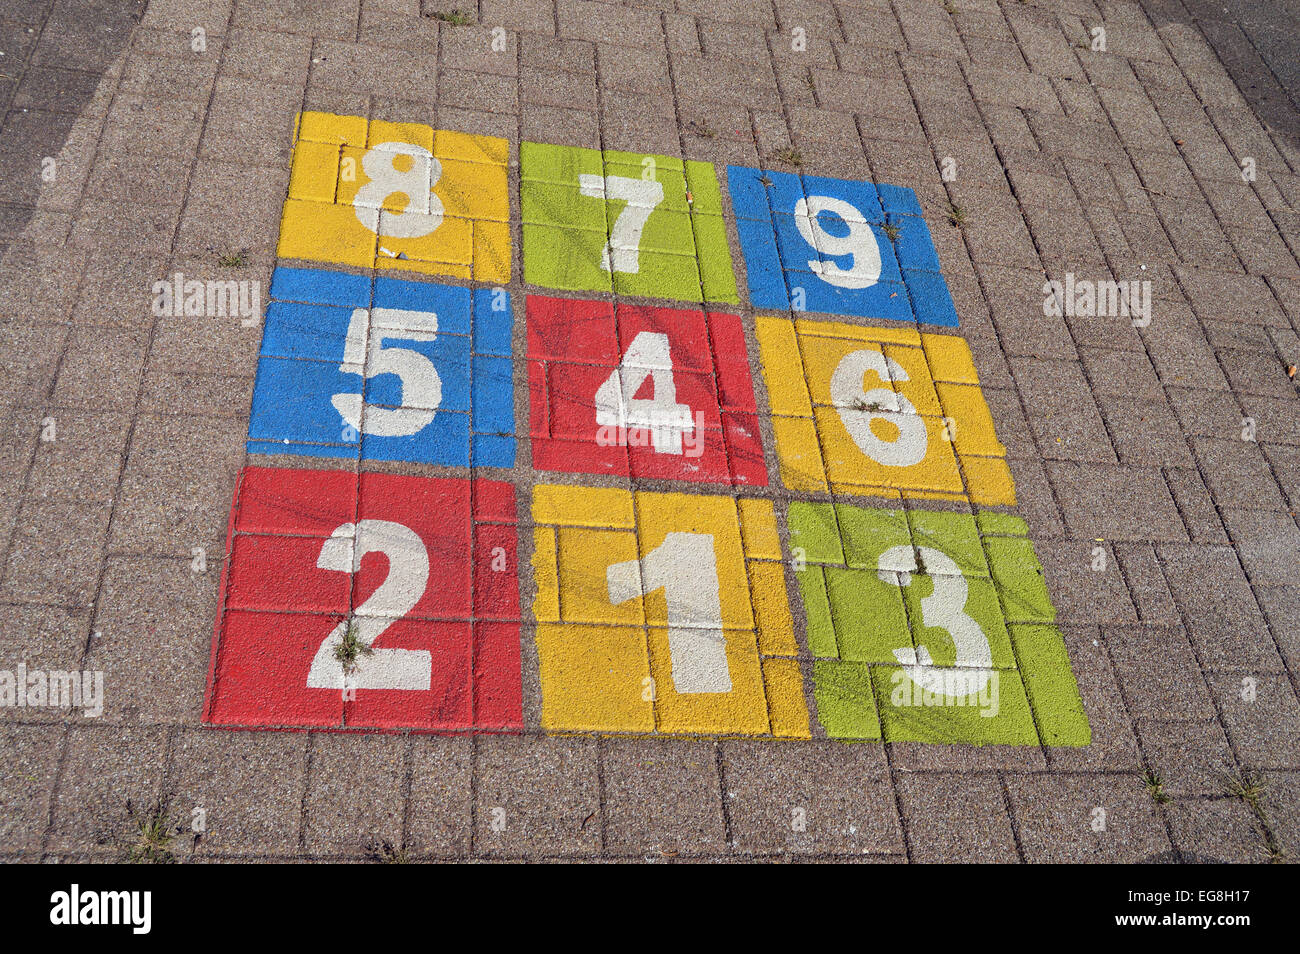 Bambini Gioco Allaperto Parco Giochi Per Bambini Campana Colorati